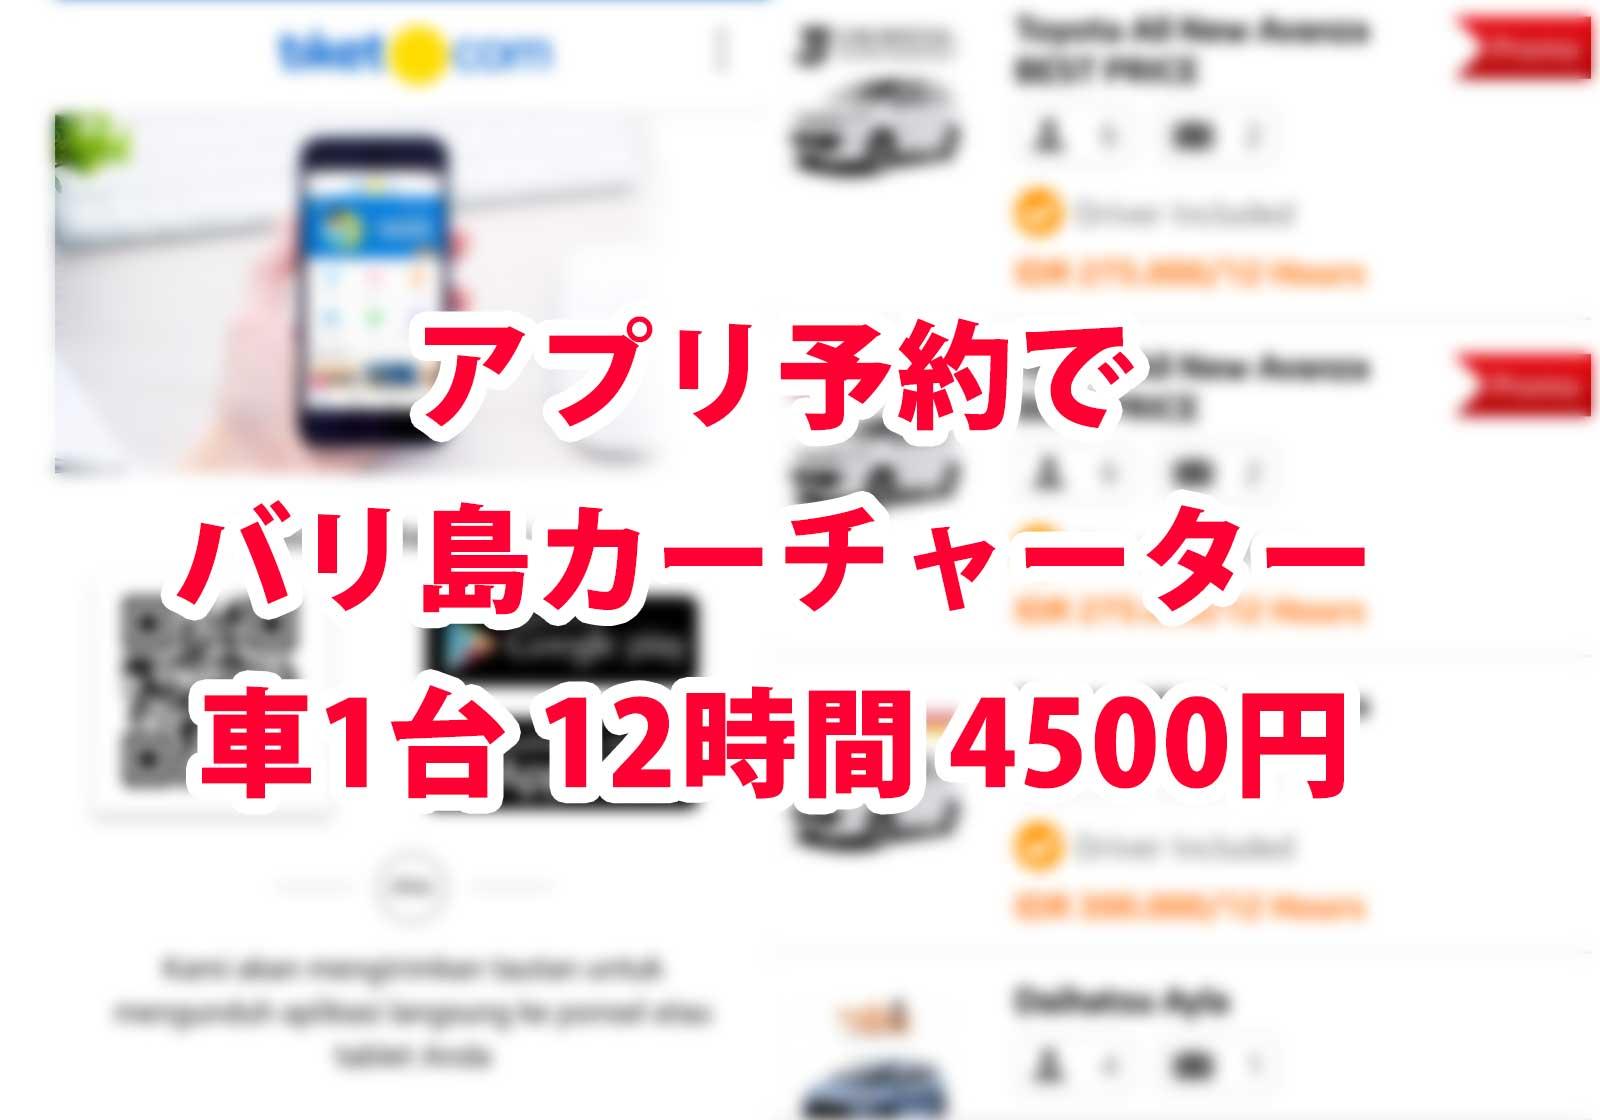 ついにこの時代が!! アプリ予約でバリ島カーチャーター12時間 4500円